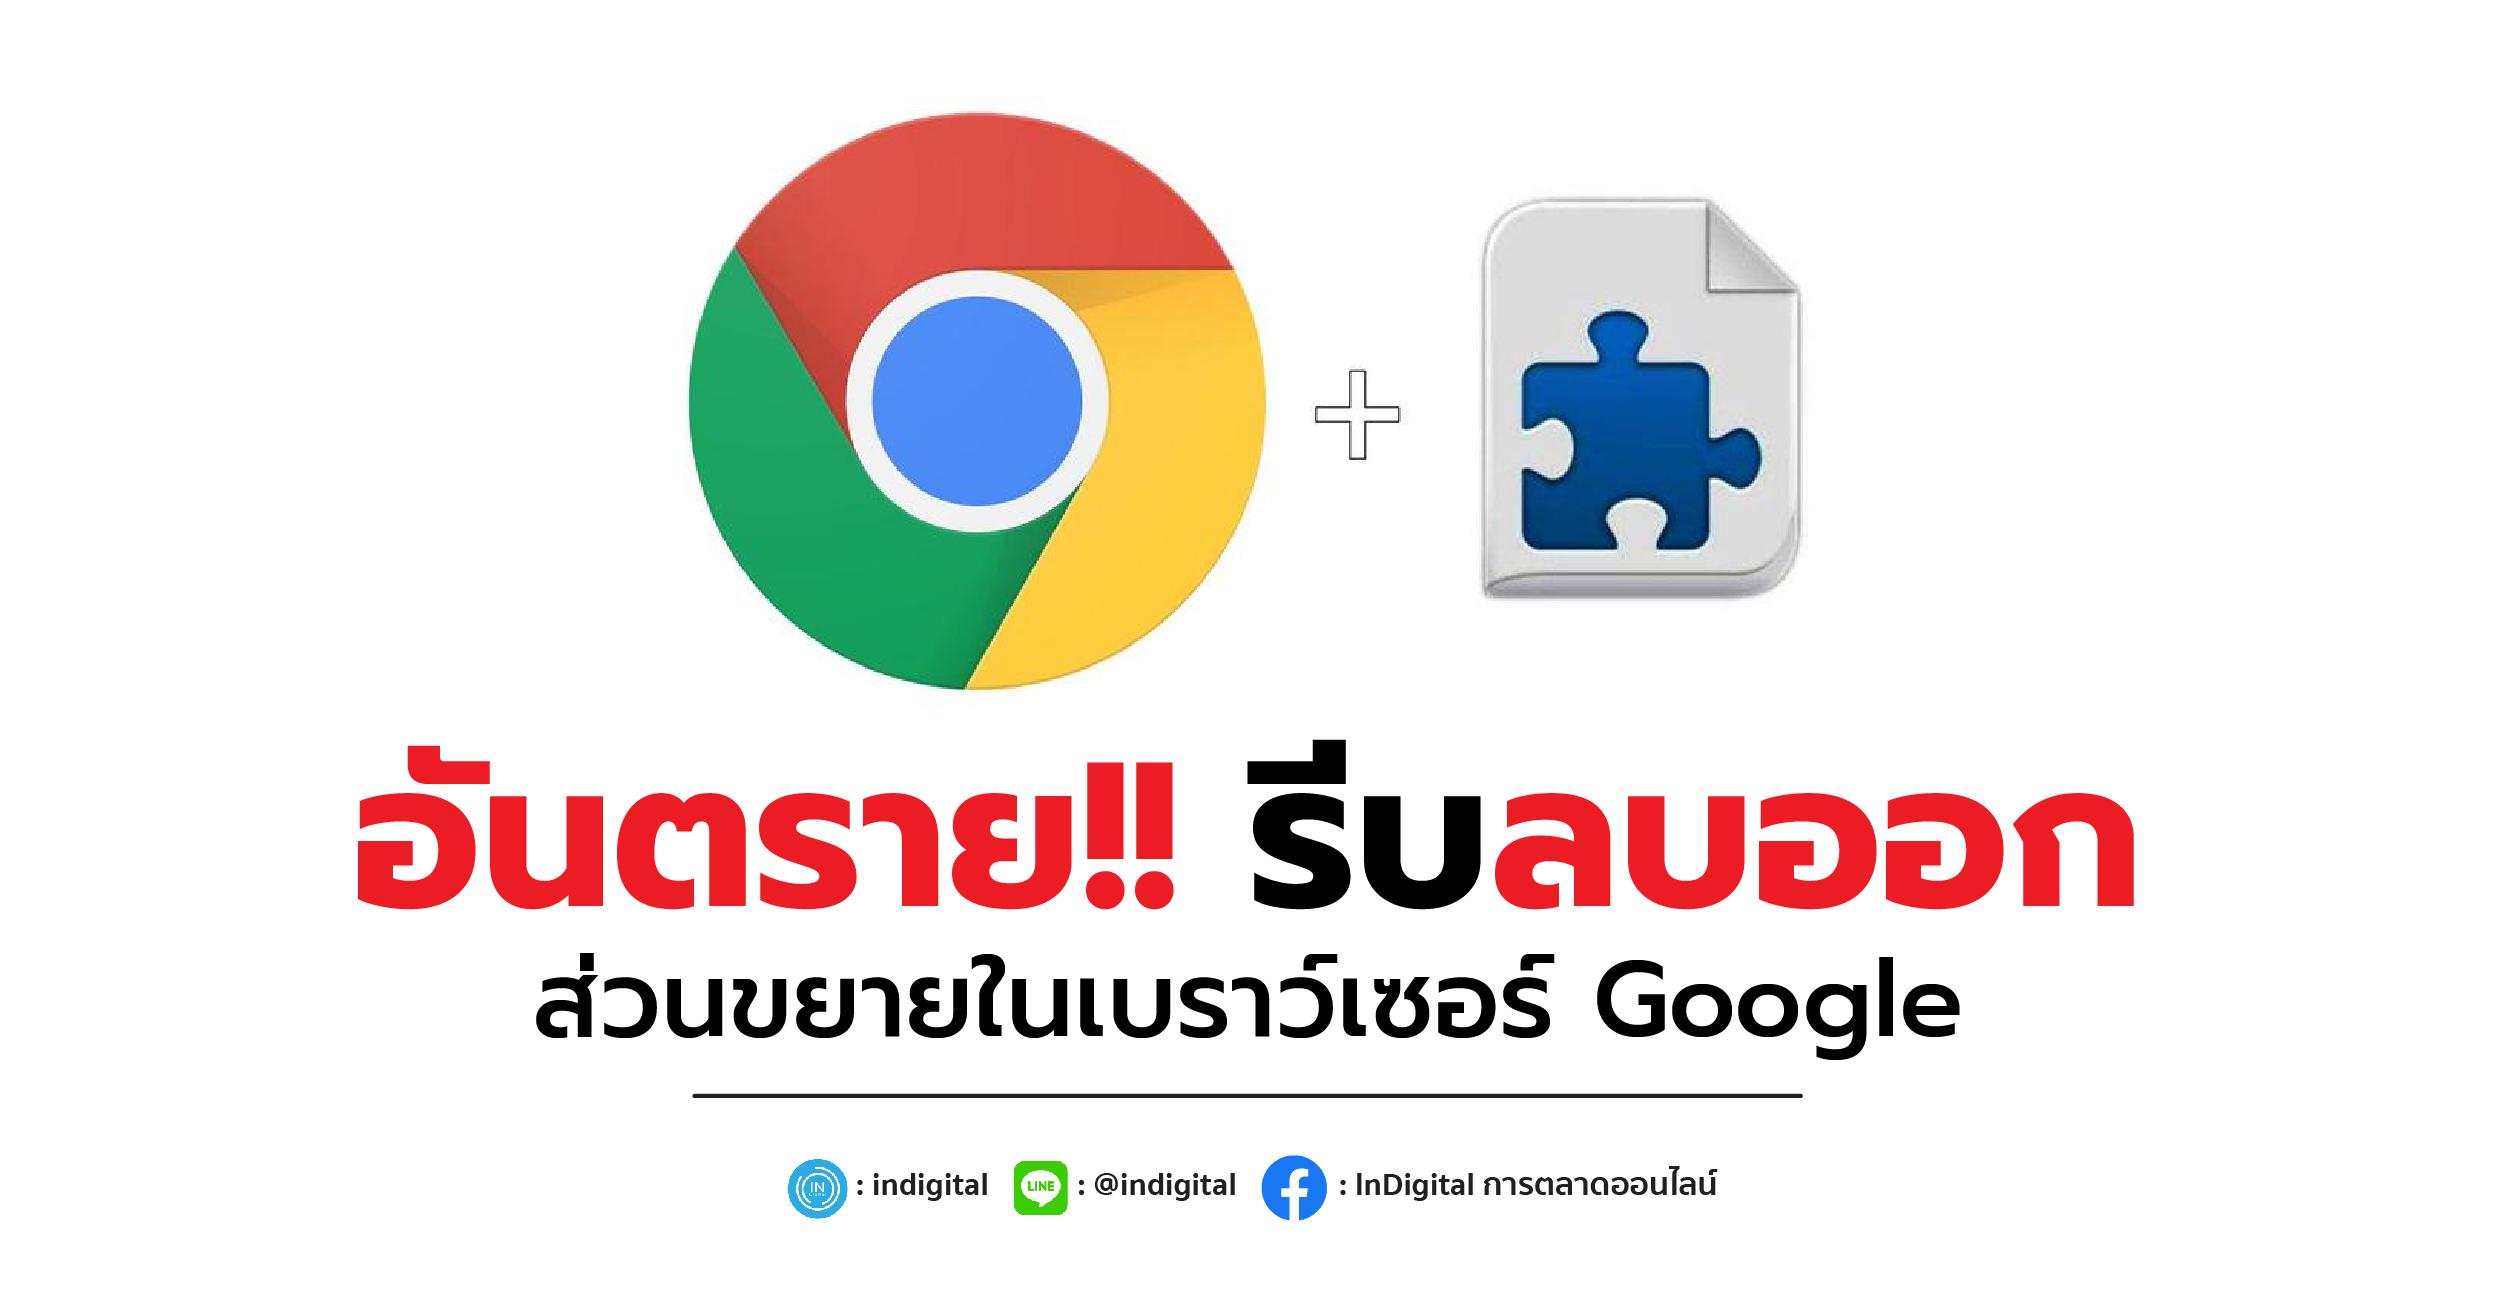 อันตราย!! รีบลบออก ส่วนขยายในเบราว์เซอร์ Google